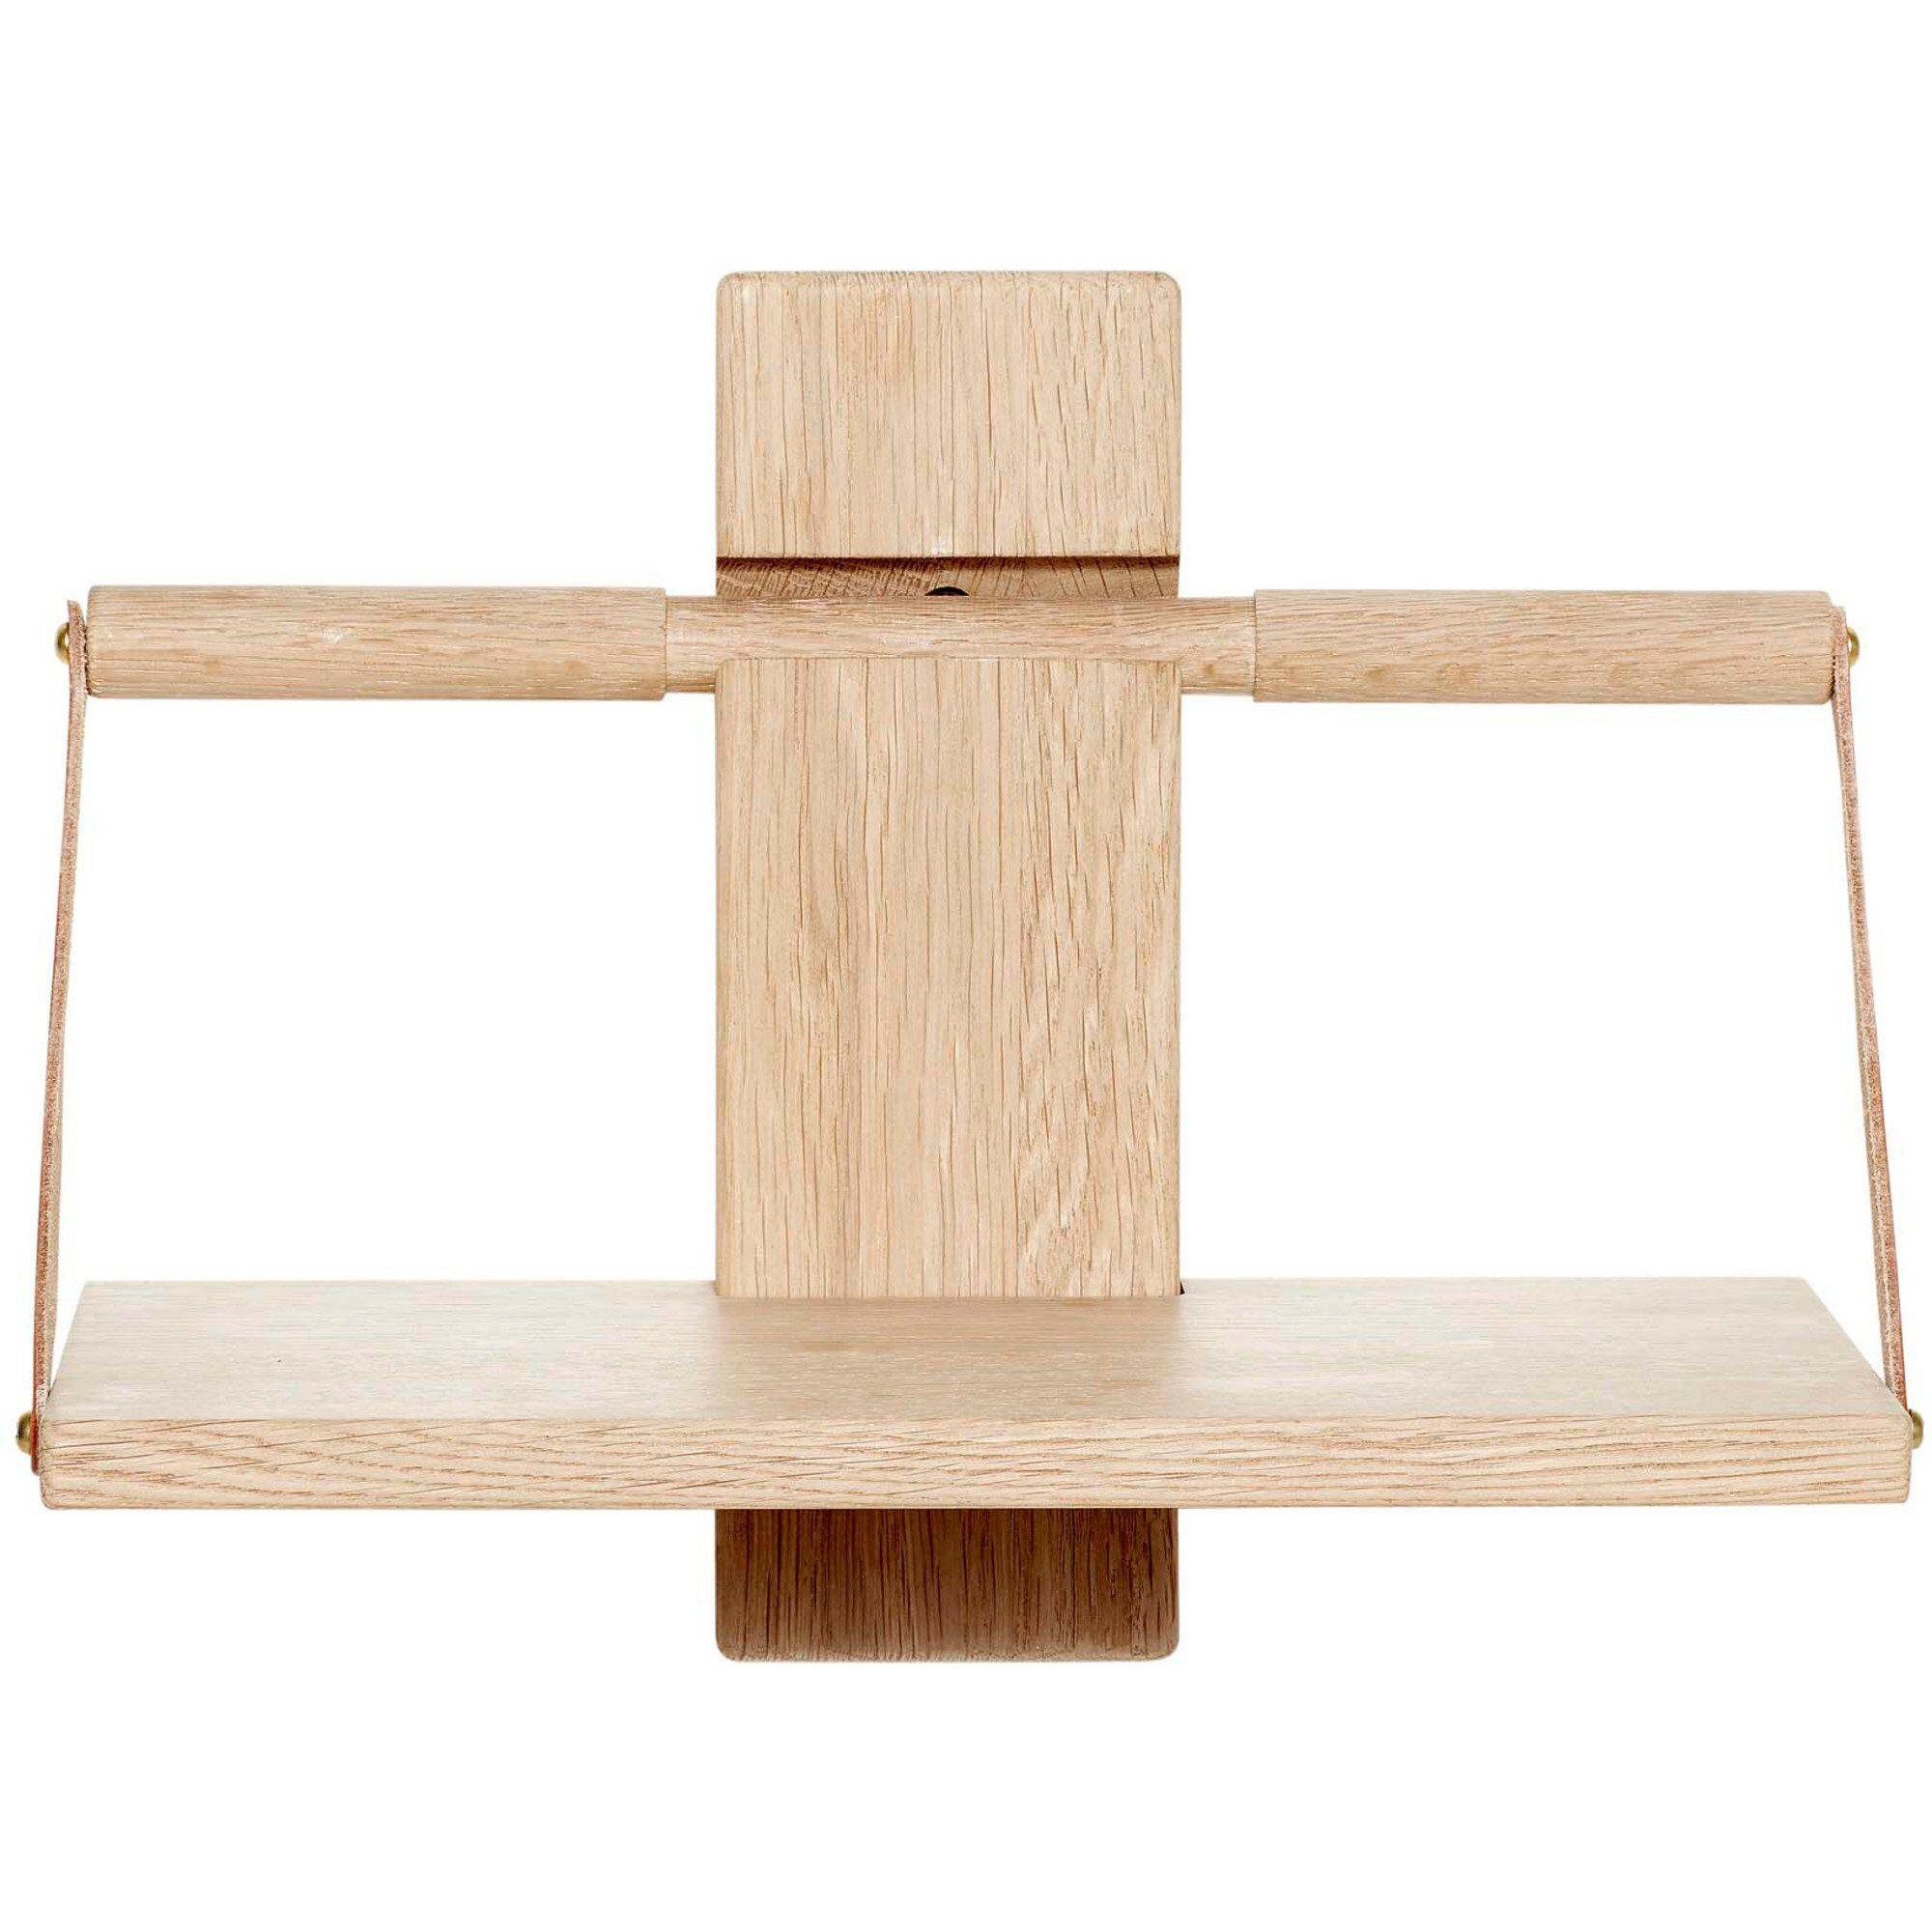 Andersen Furniture Wood wall Shelf 30 x 18 x 24 cm Liten Oak